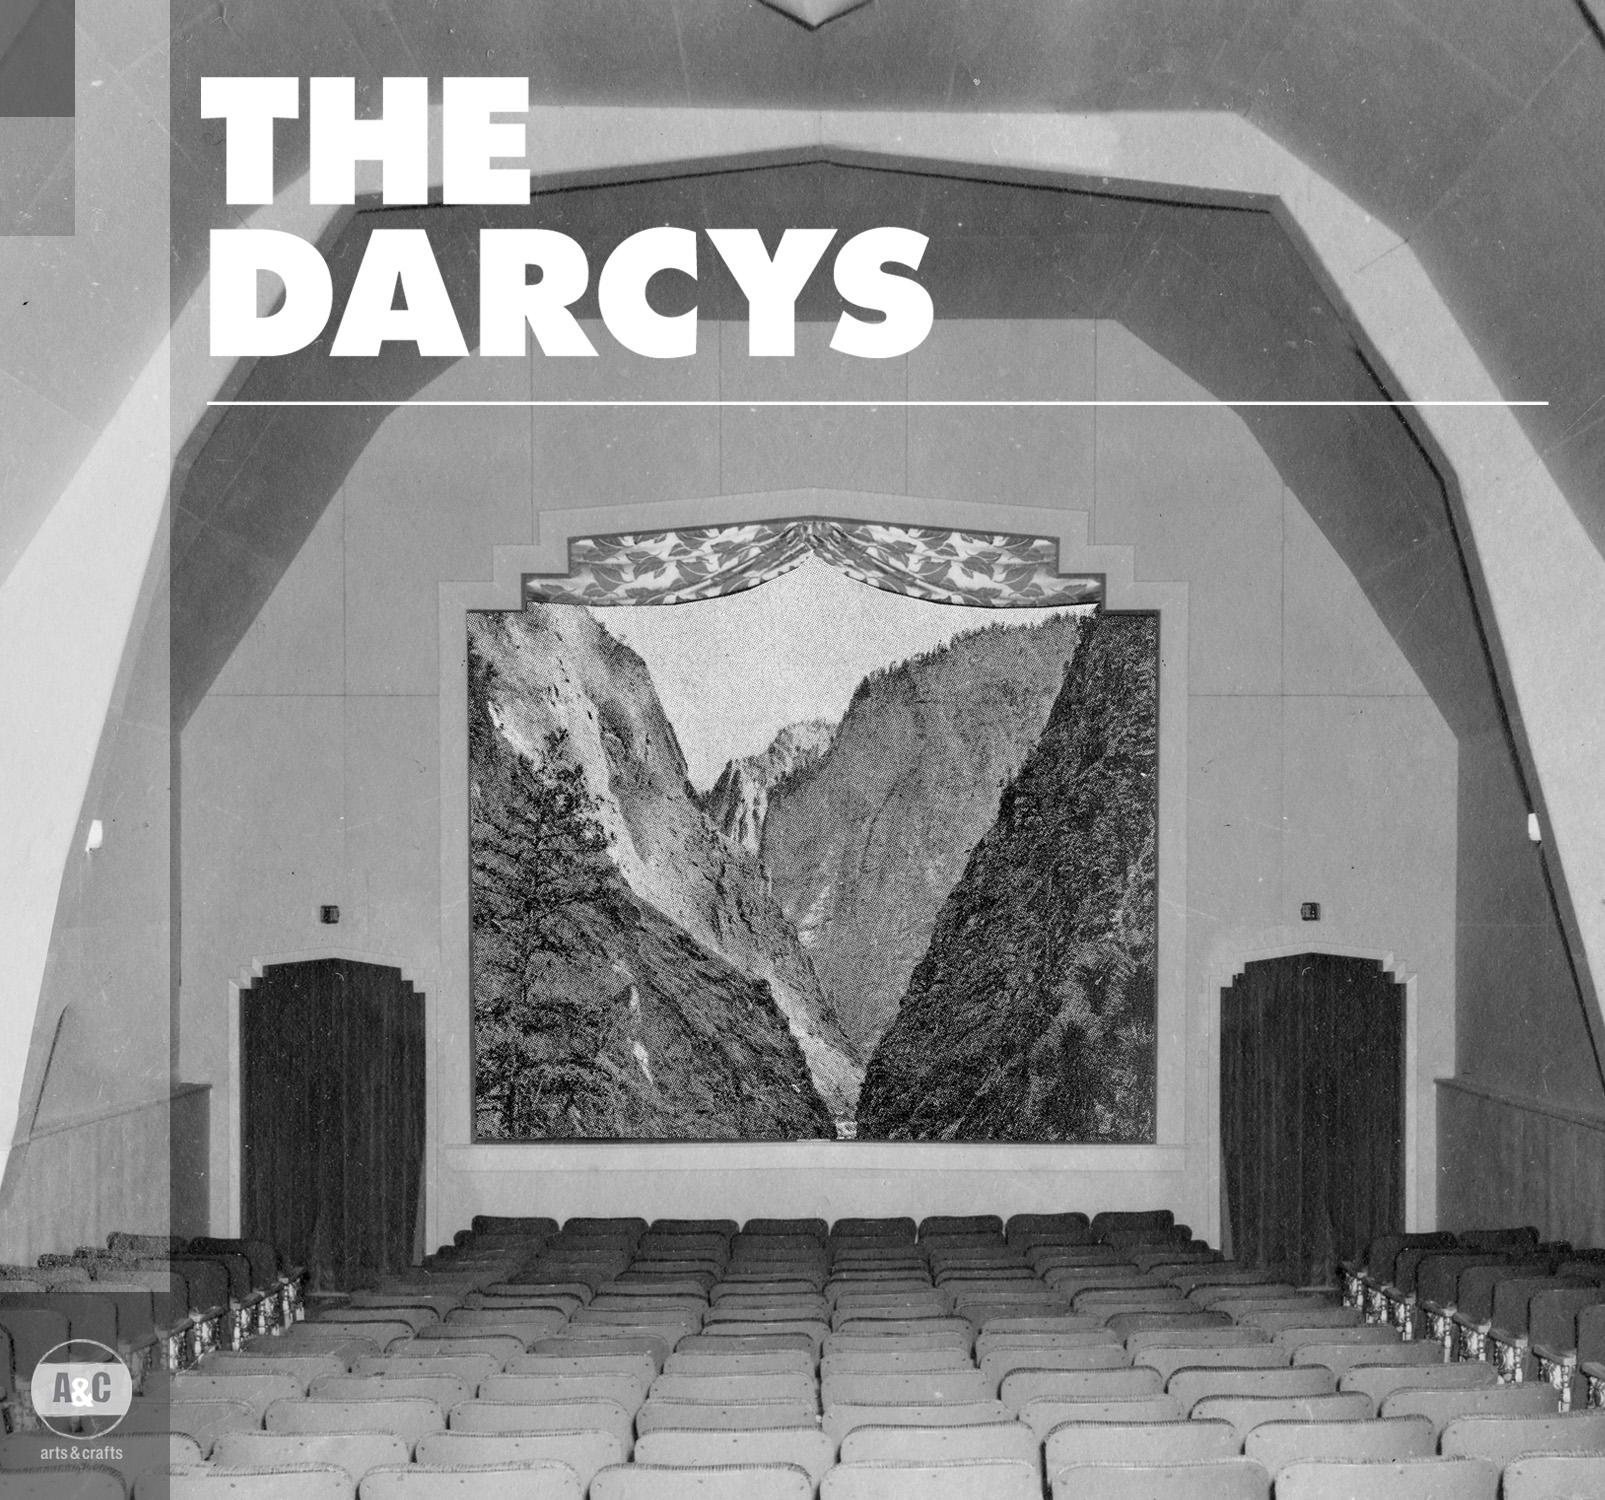 The Darcys